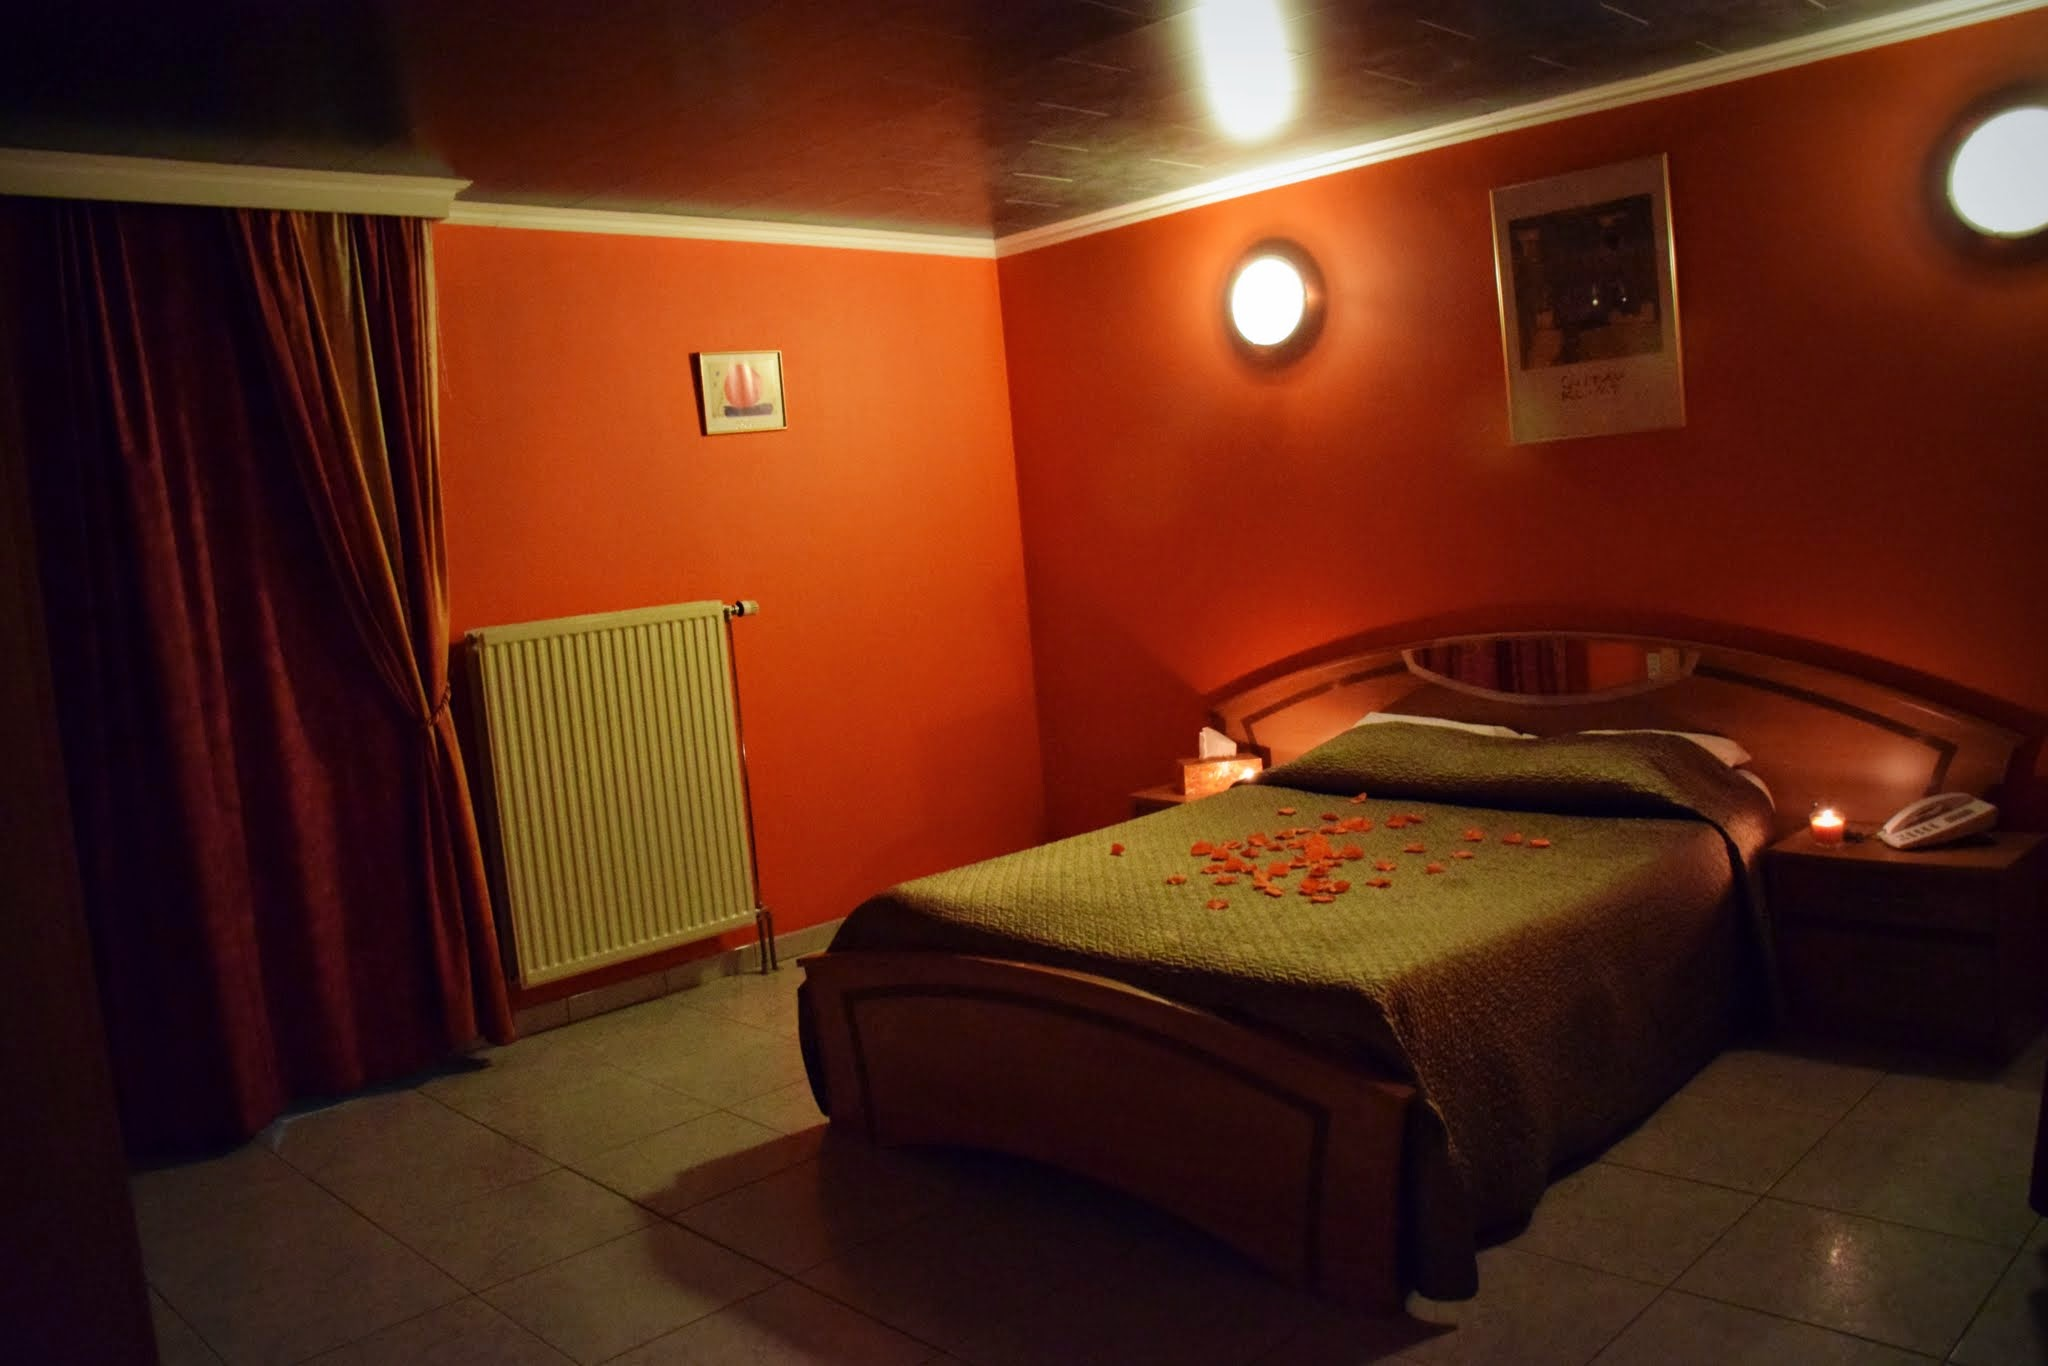 Hotel de jour le secret d 39 alc ve chambres l 39 heure pas cher for Hotel al heure liege